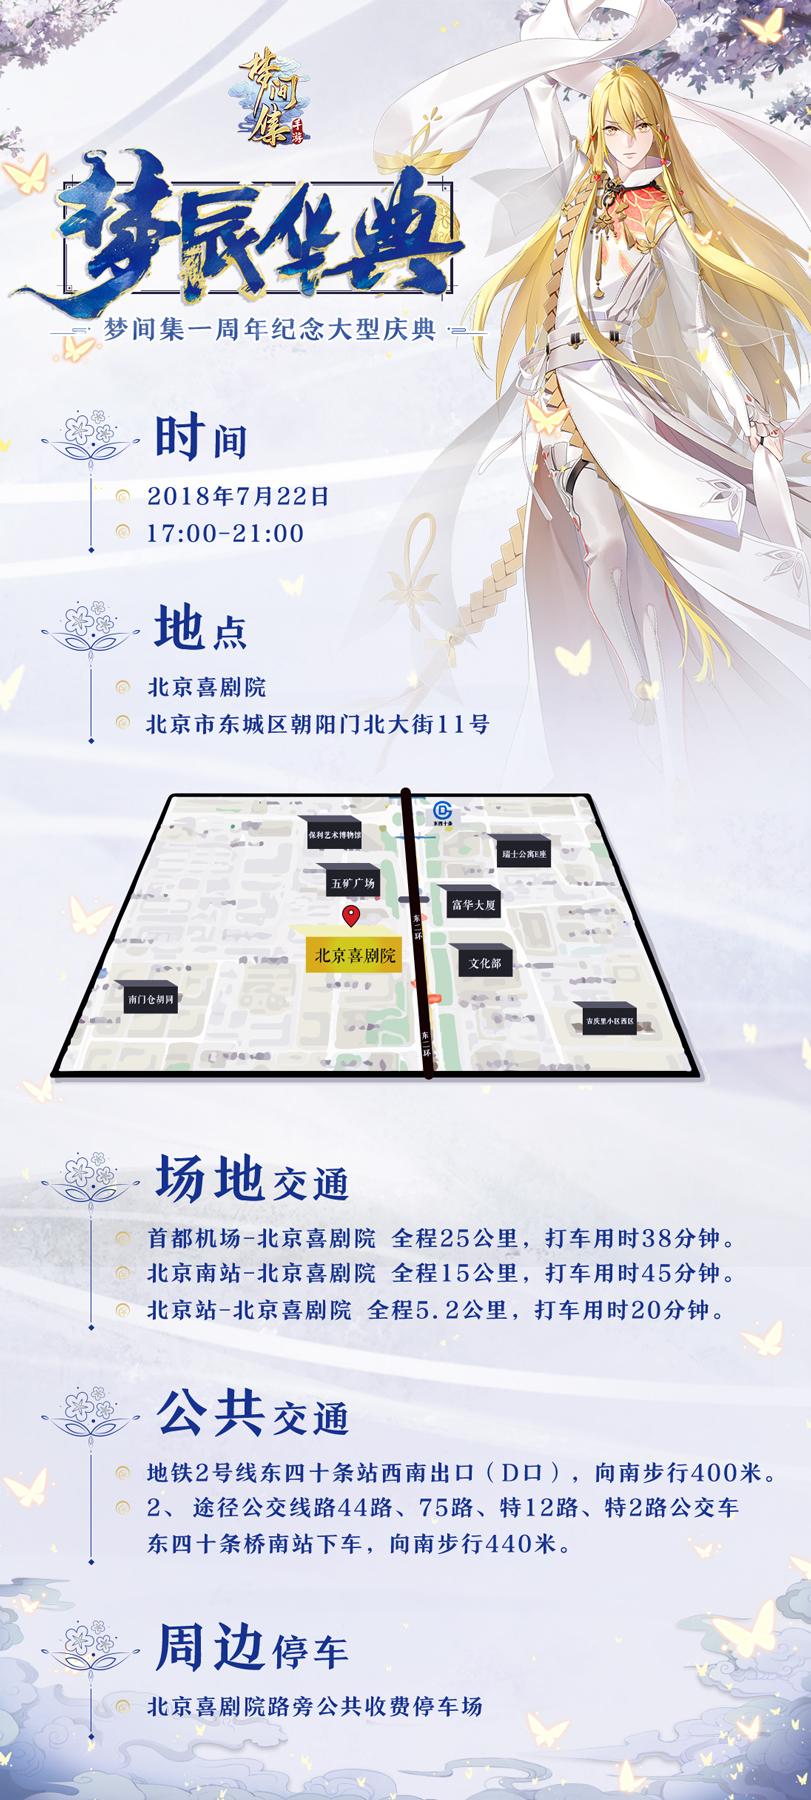 金风玉露一相逢 《梦间集》周年庆售票开启-1.jpg